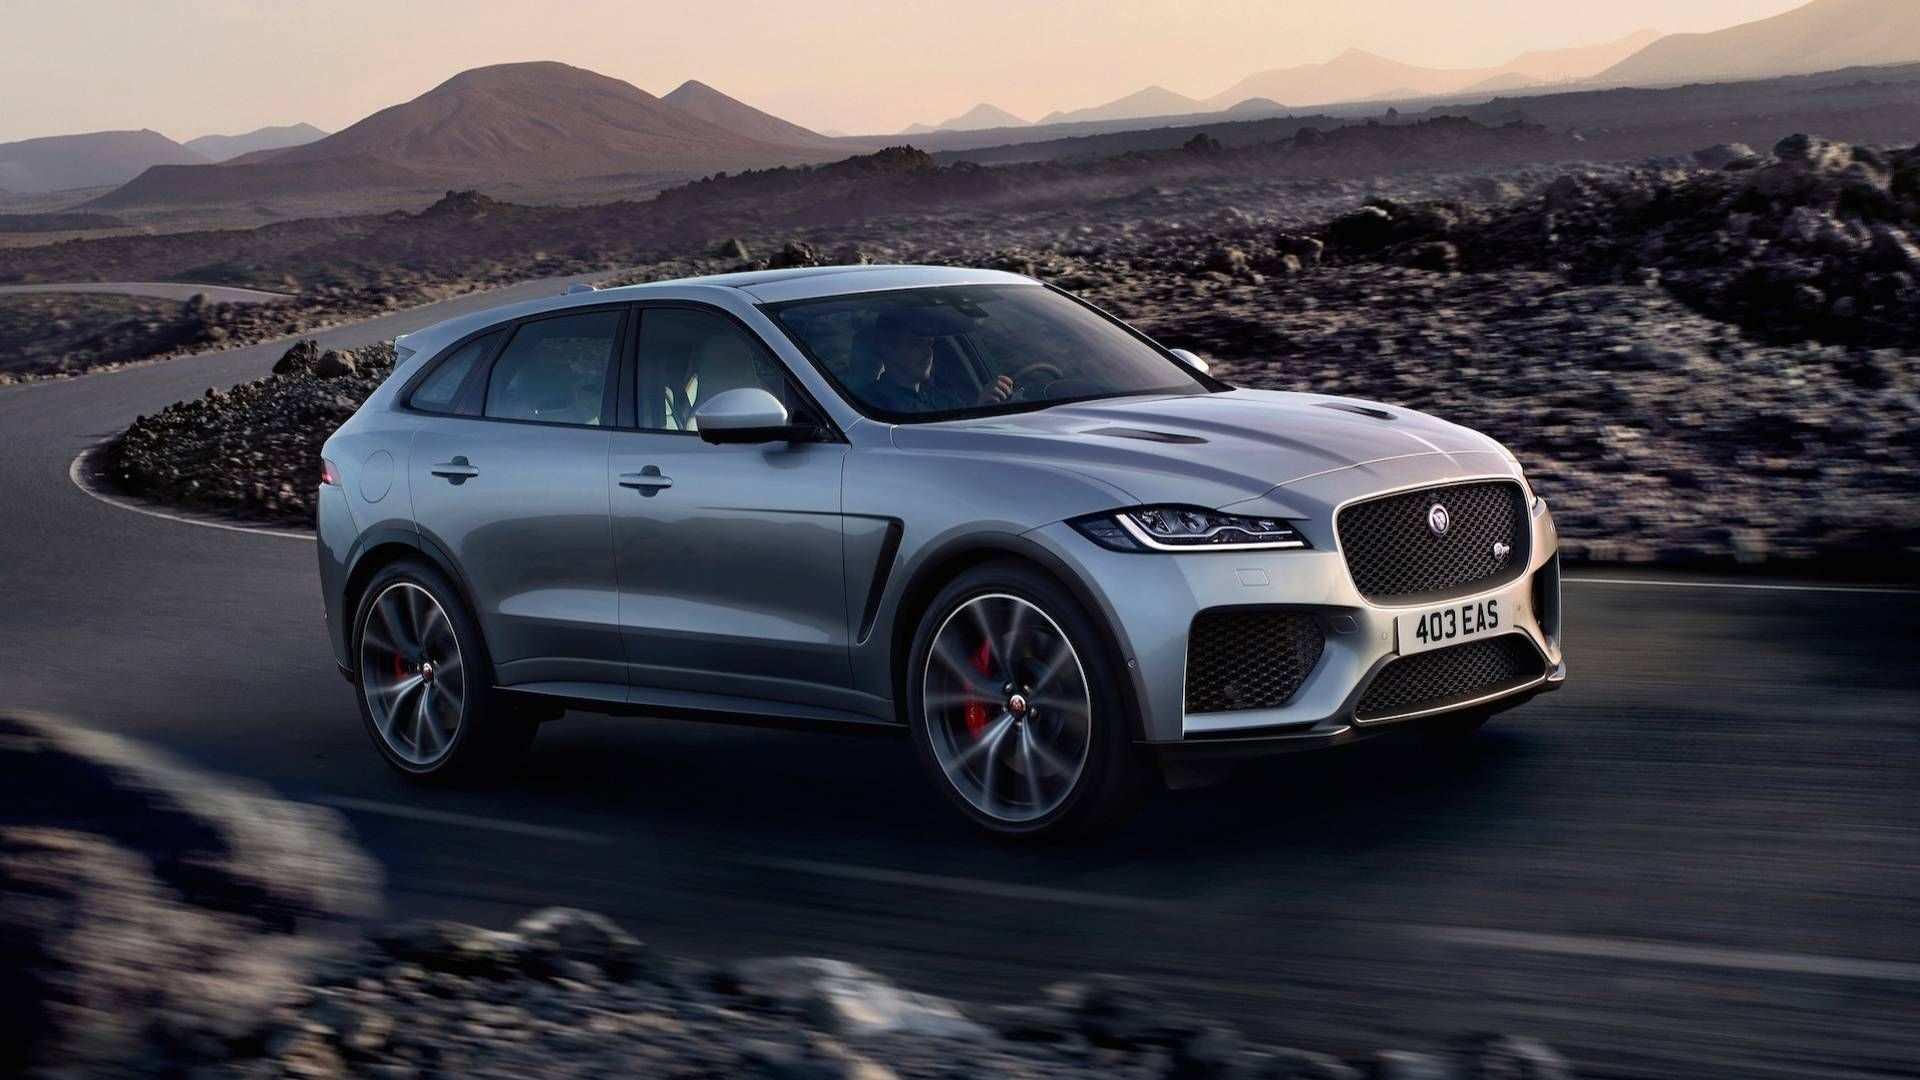 41 The 2020 Jaguar I Pace Interior with 2020 Jaguar I Pace